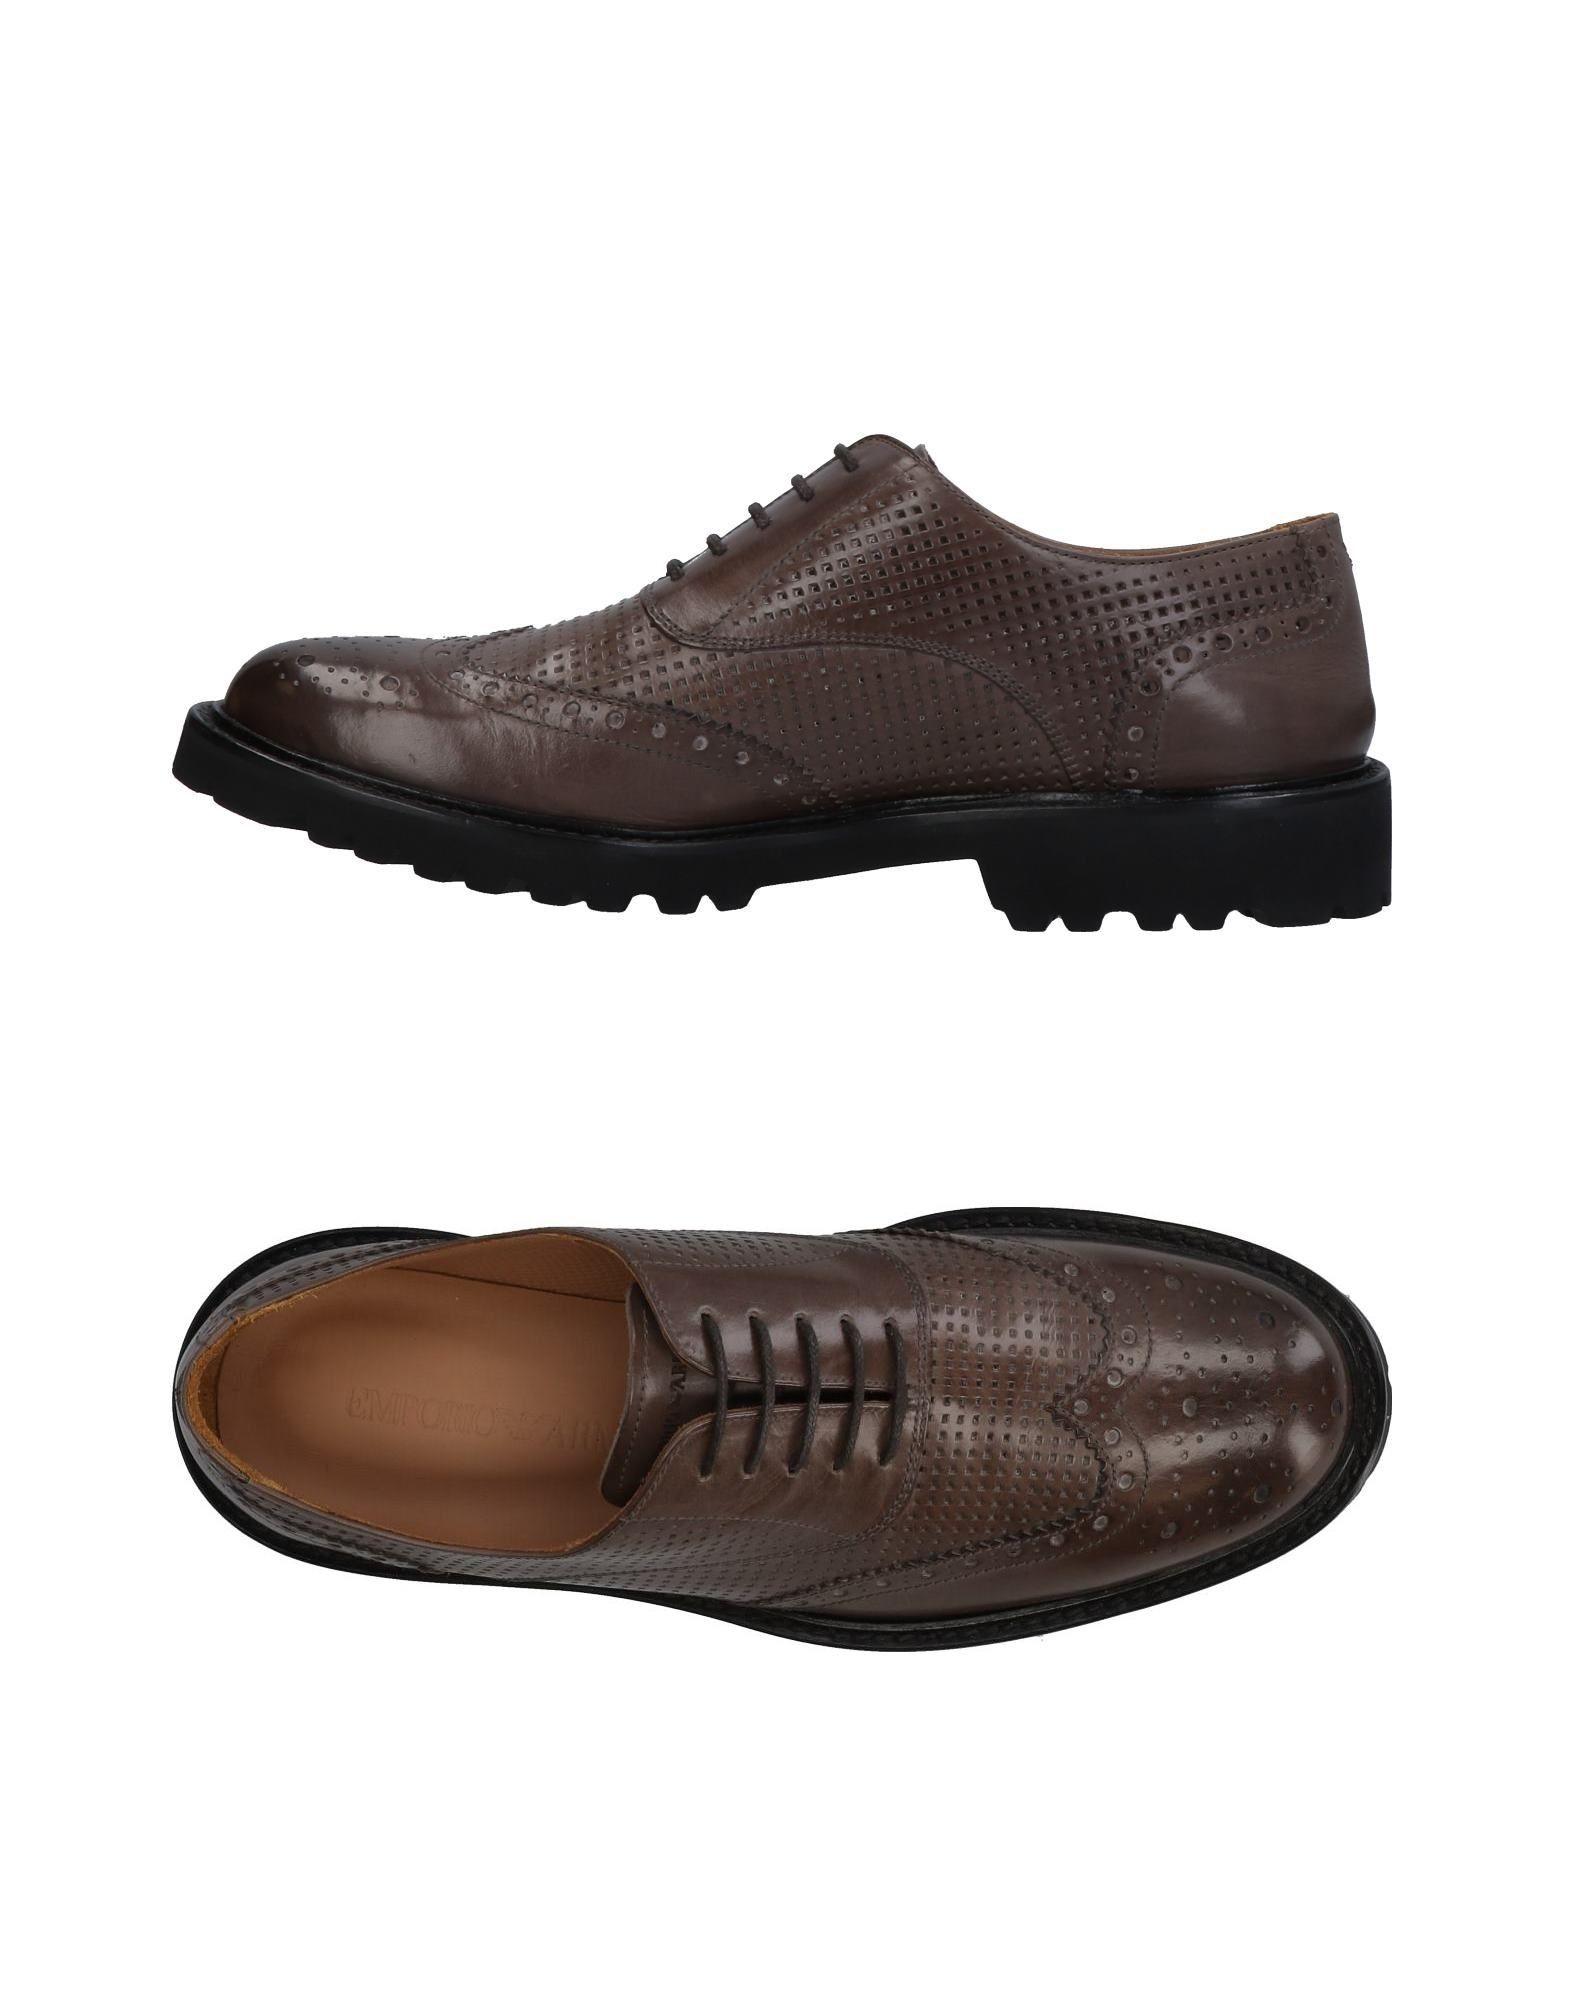 Emporio Armani Schnürschuhe Herren beliebte  11424007DA Gute Qualität beliebte Herren Schuhe 80c1f0